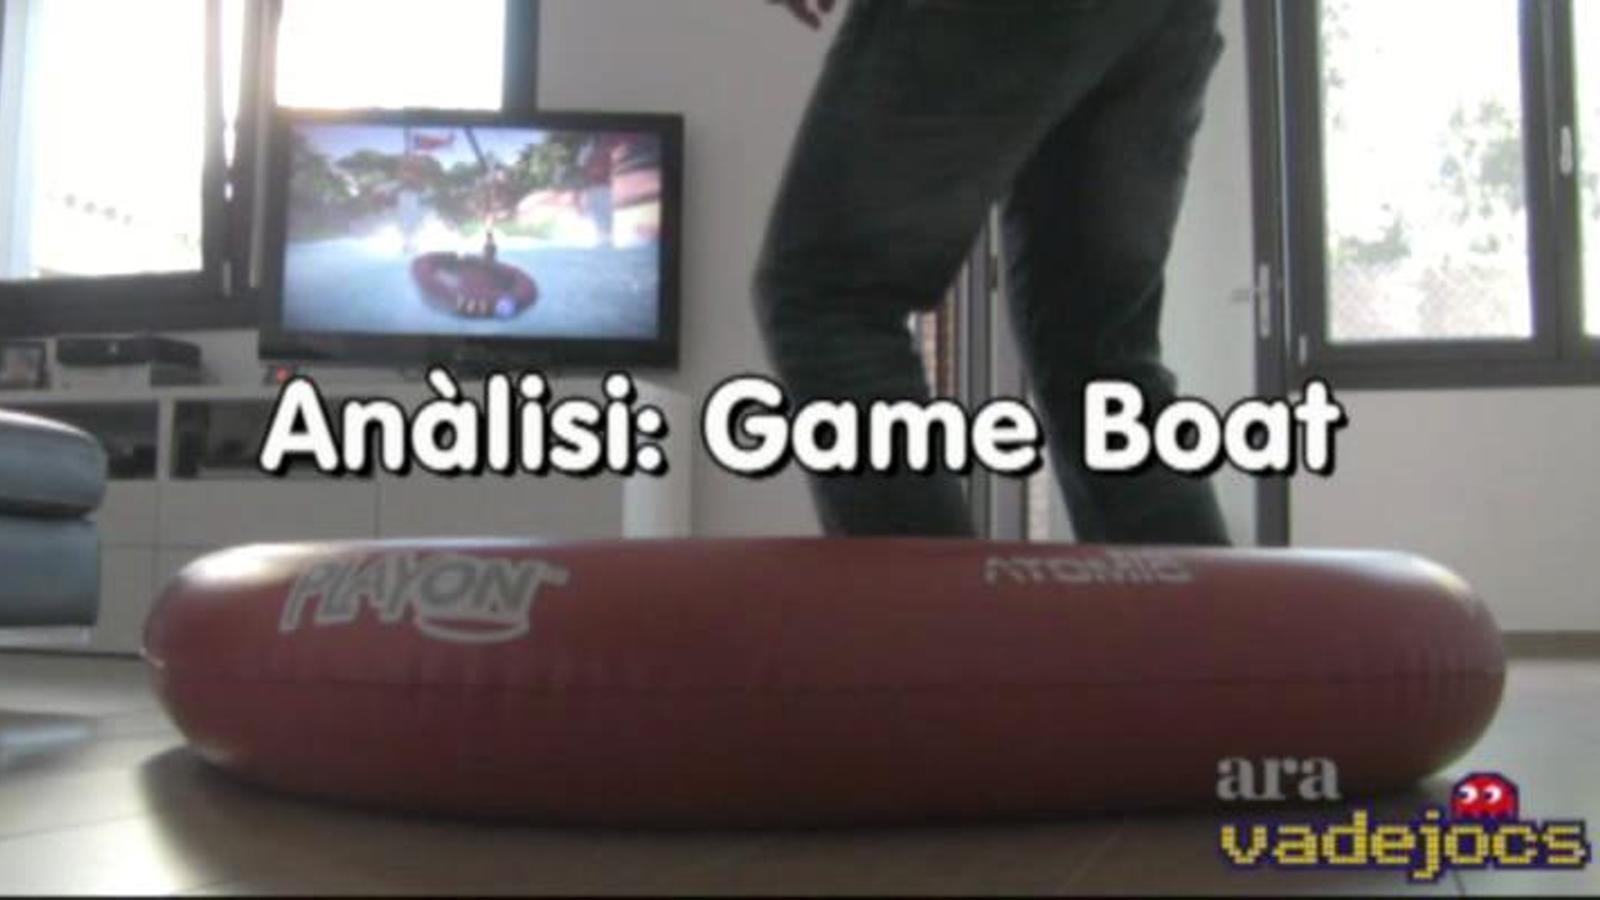 Videoanàlisi de la Game Boat per a Xbox 360 Kinect.